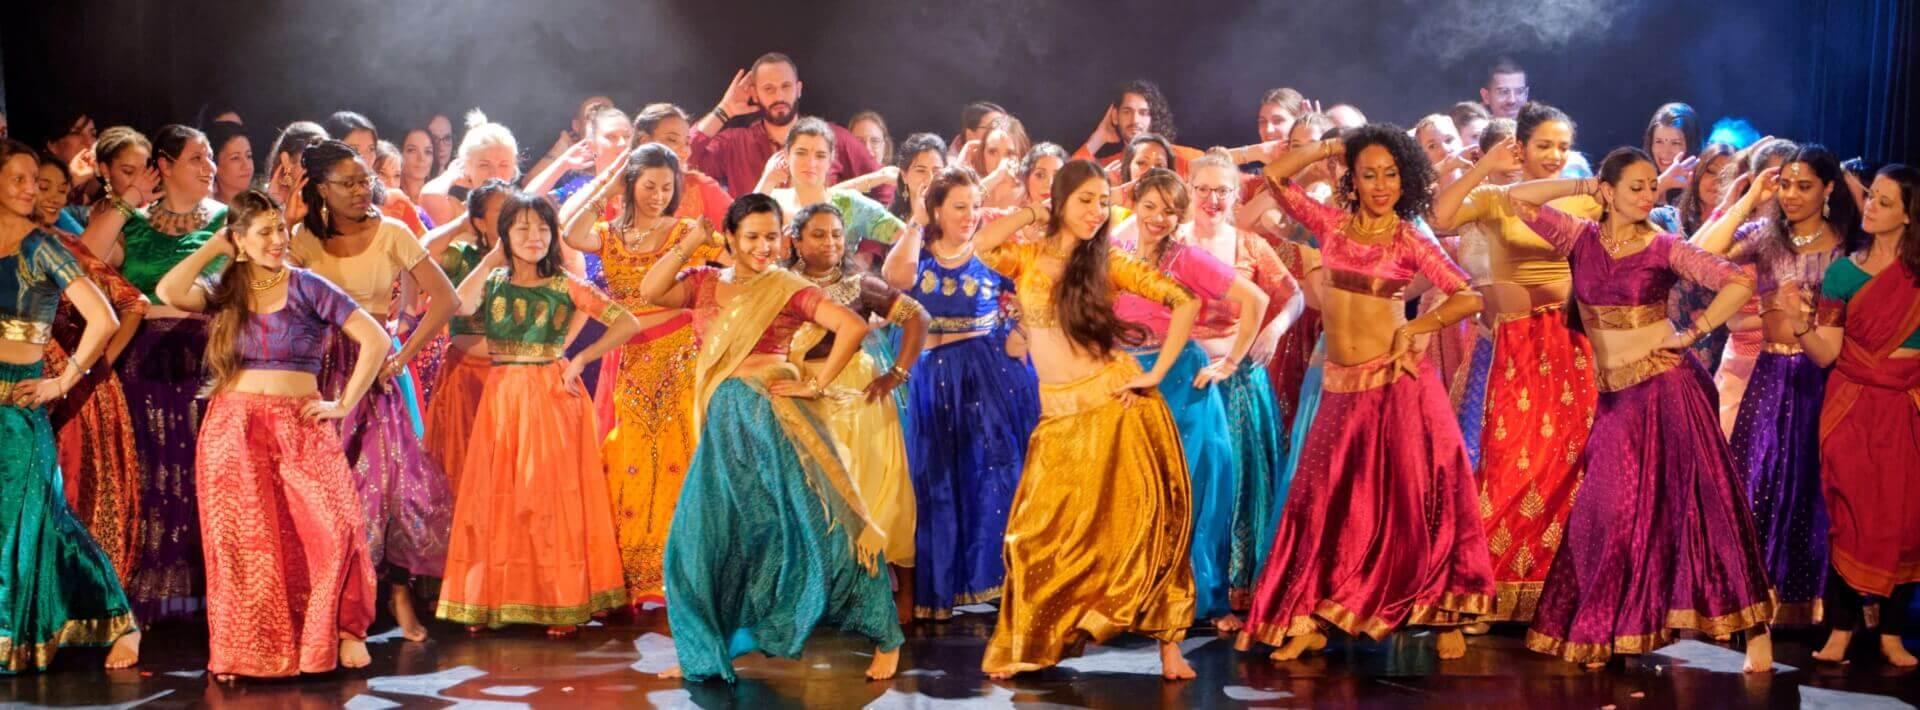 Mahina Khanum cours de danse bollywood